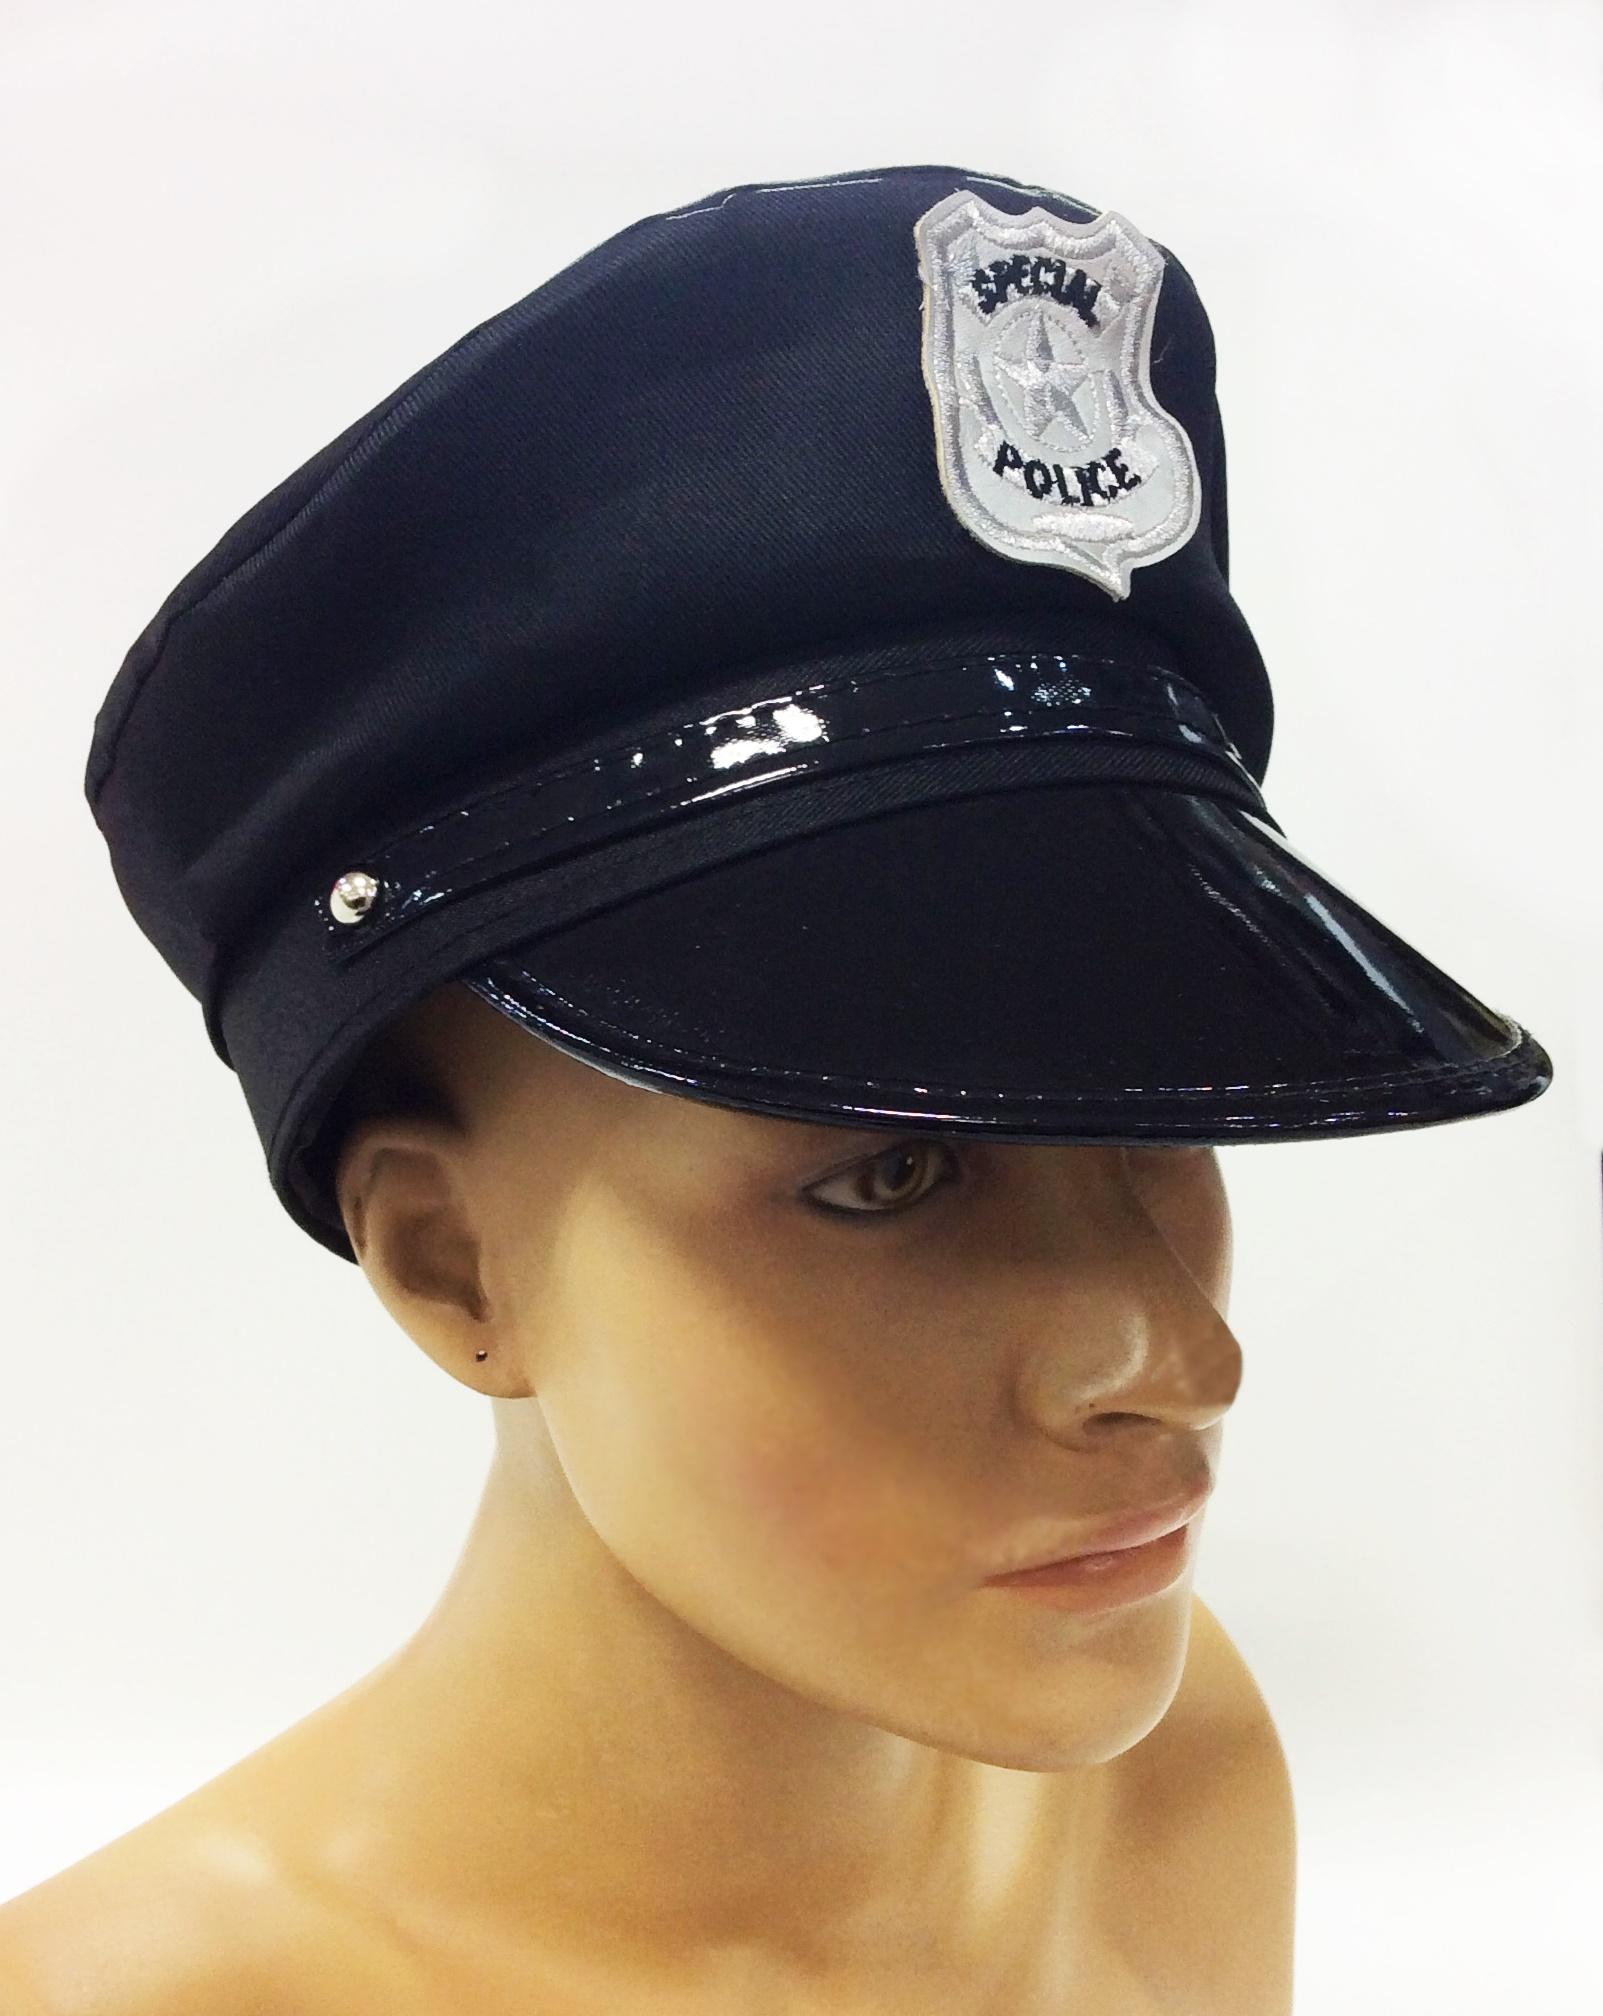 QUEPE POLICIAL COM EMBLEMA BORDADO